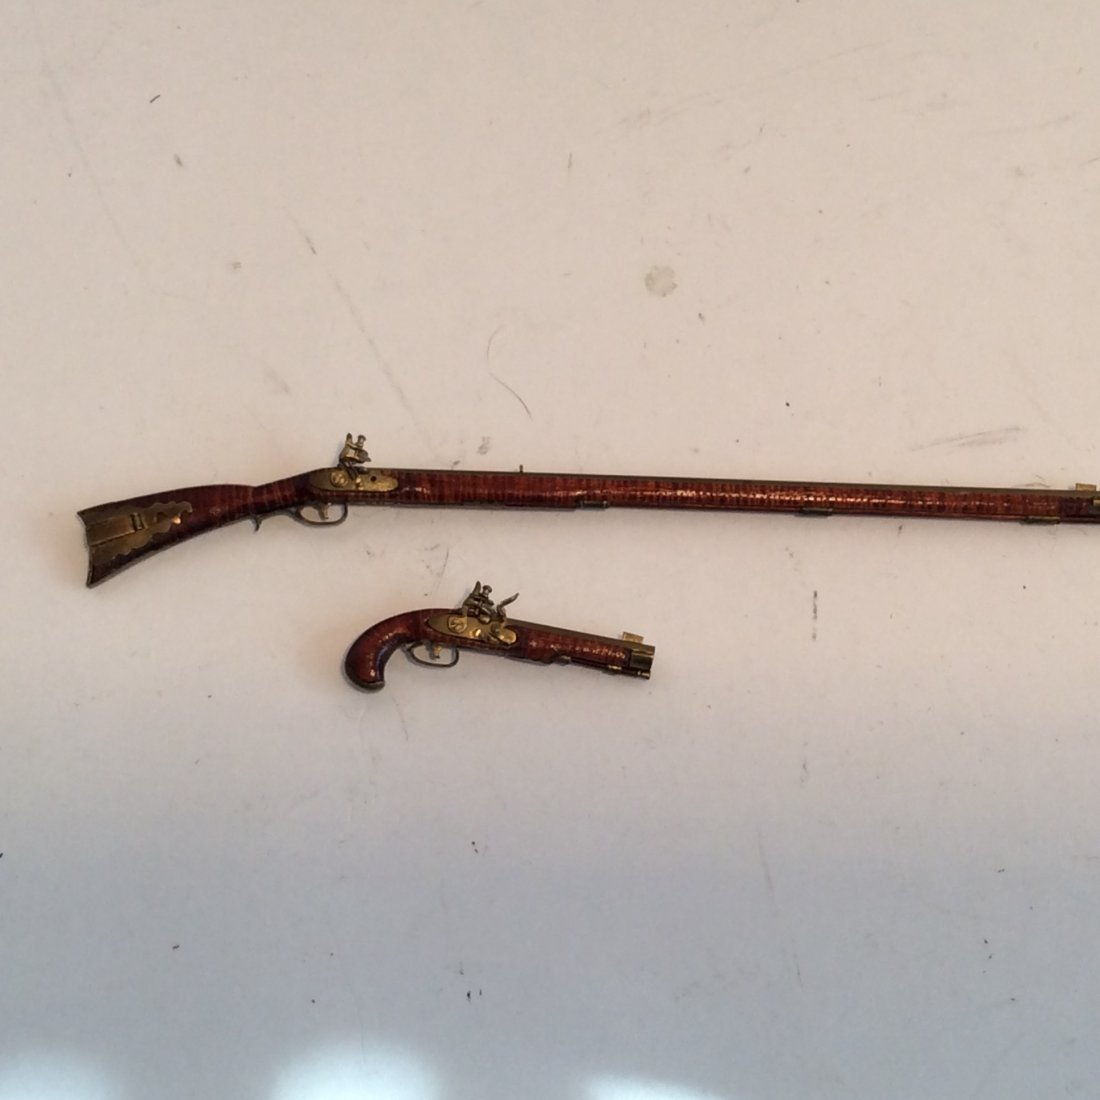 2 Model Guns Kentucky Long Rifle and Pistol 2/12